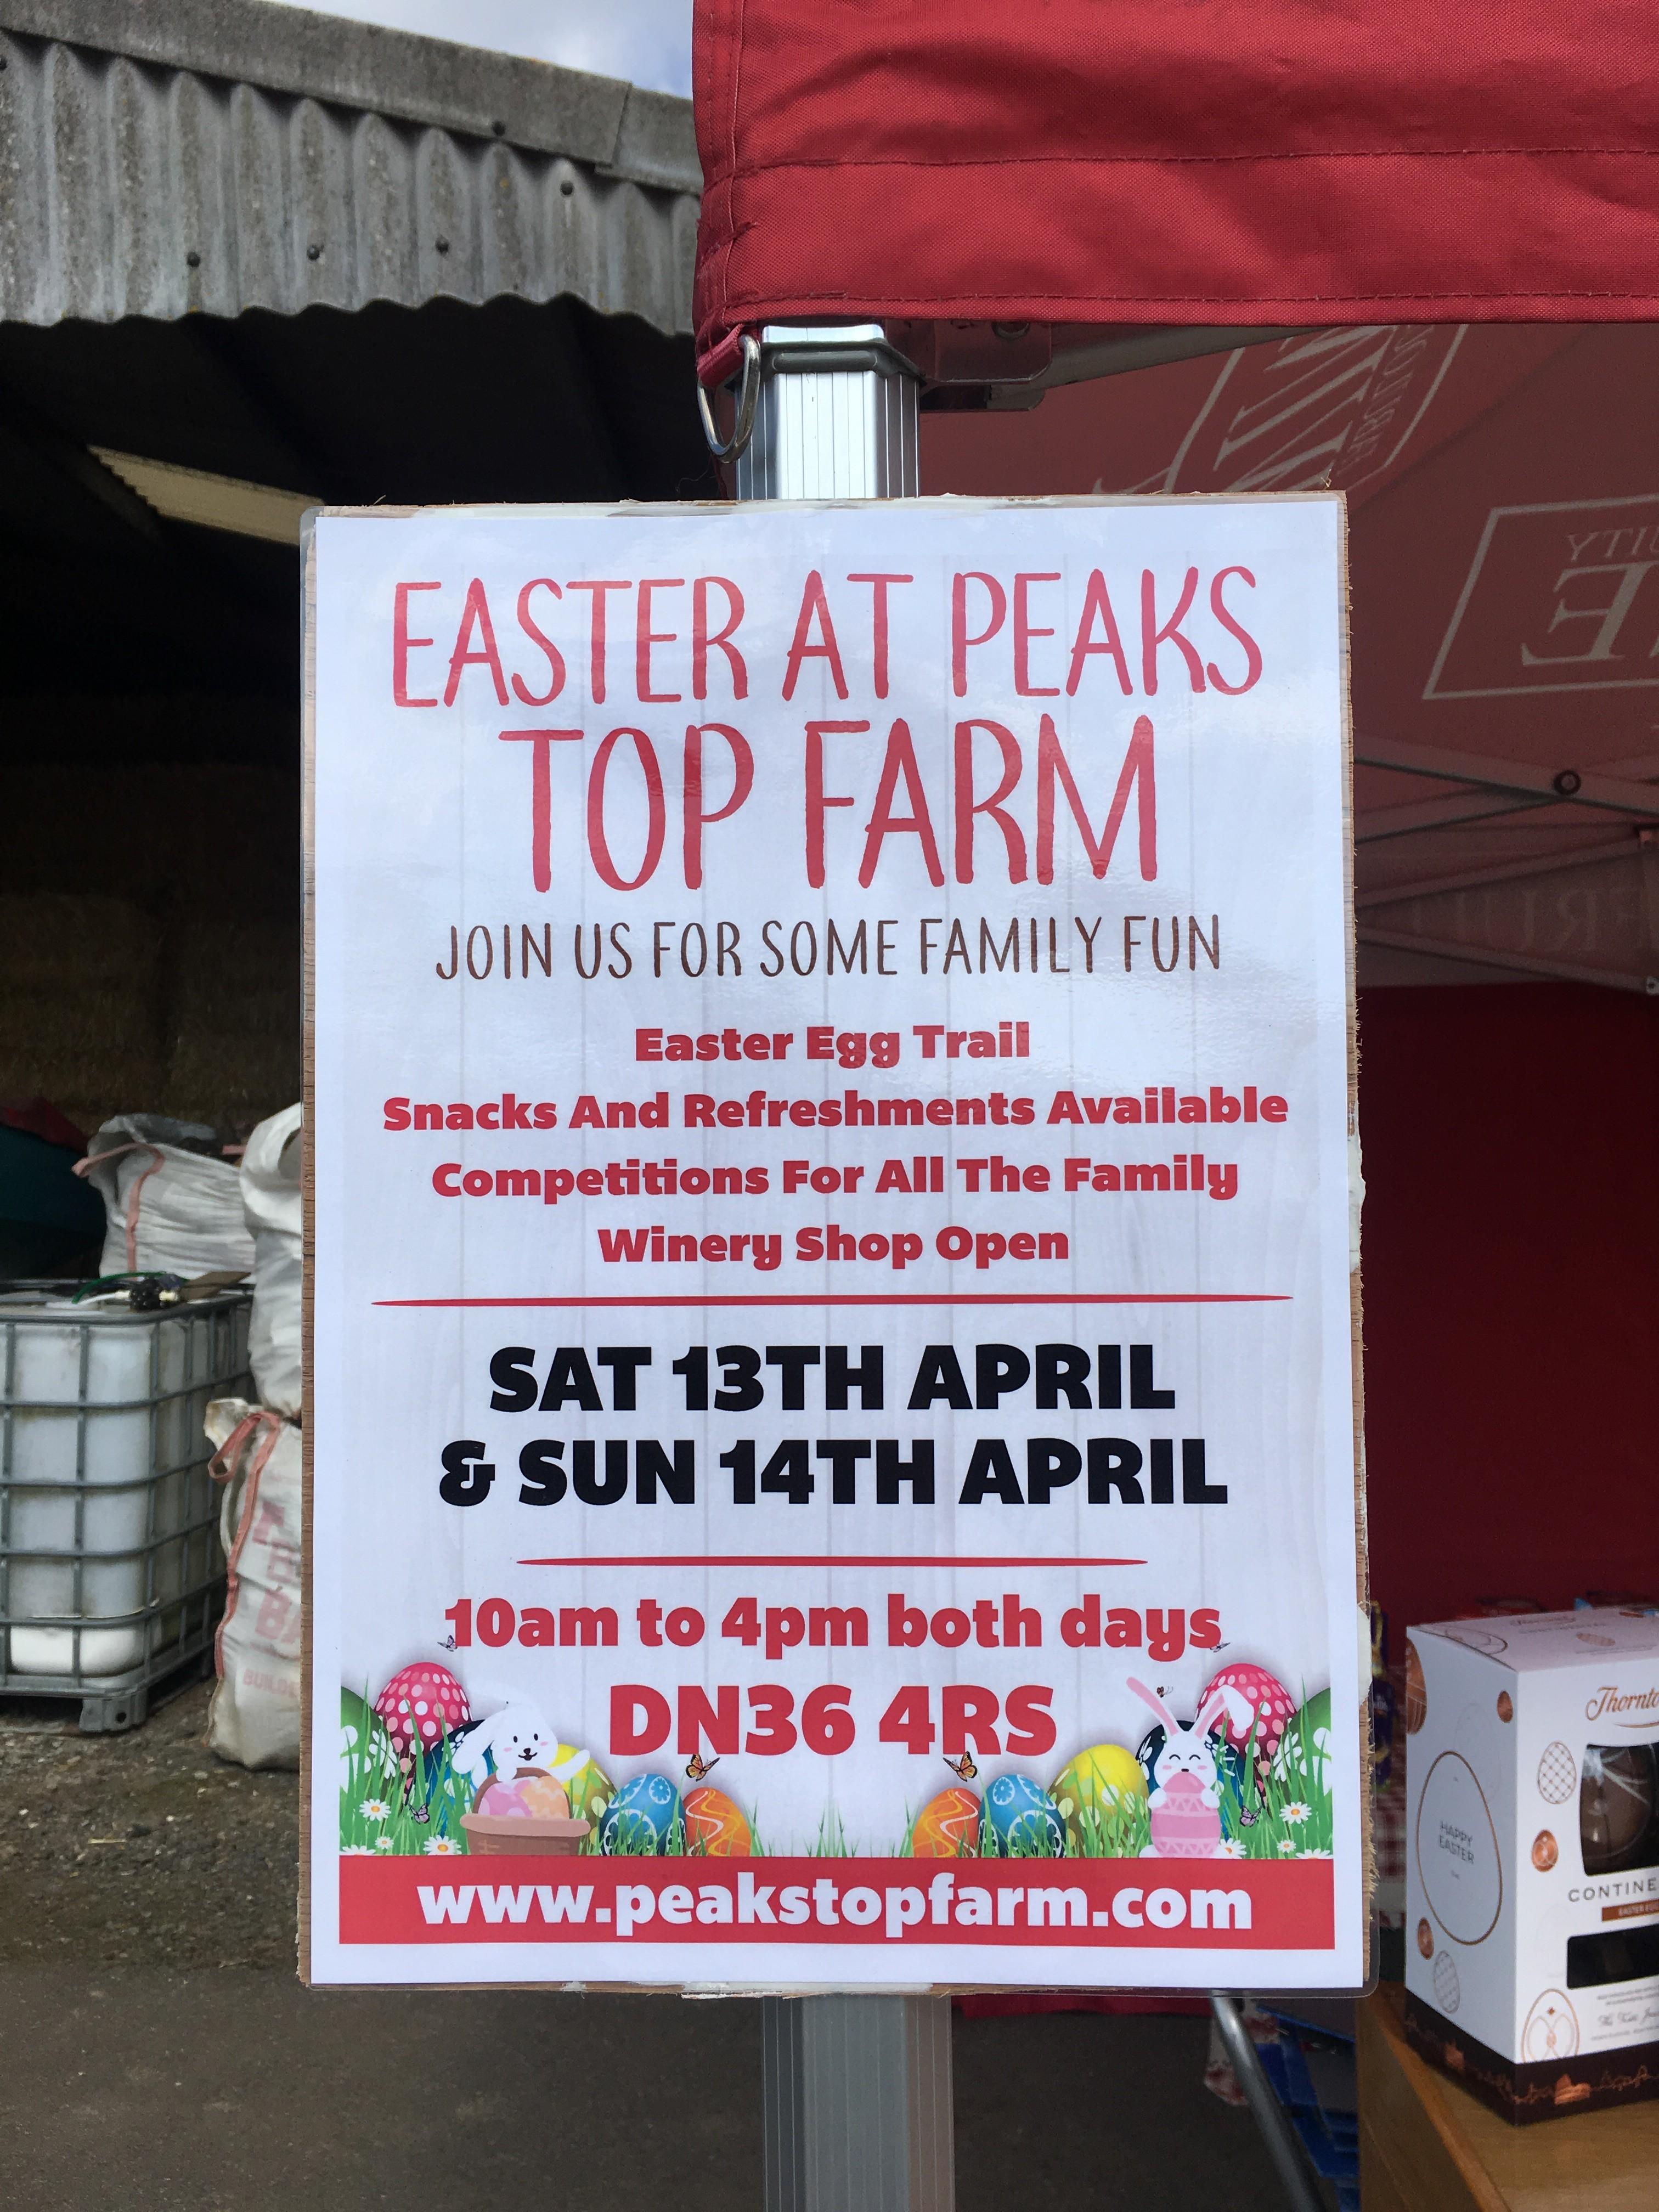 Easter Fun at Peaks Top Farm!